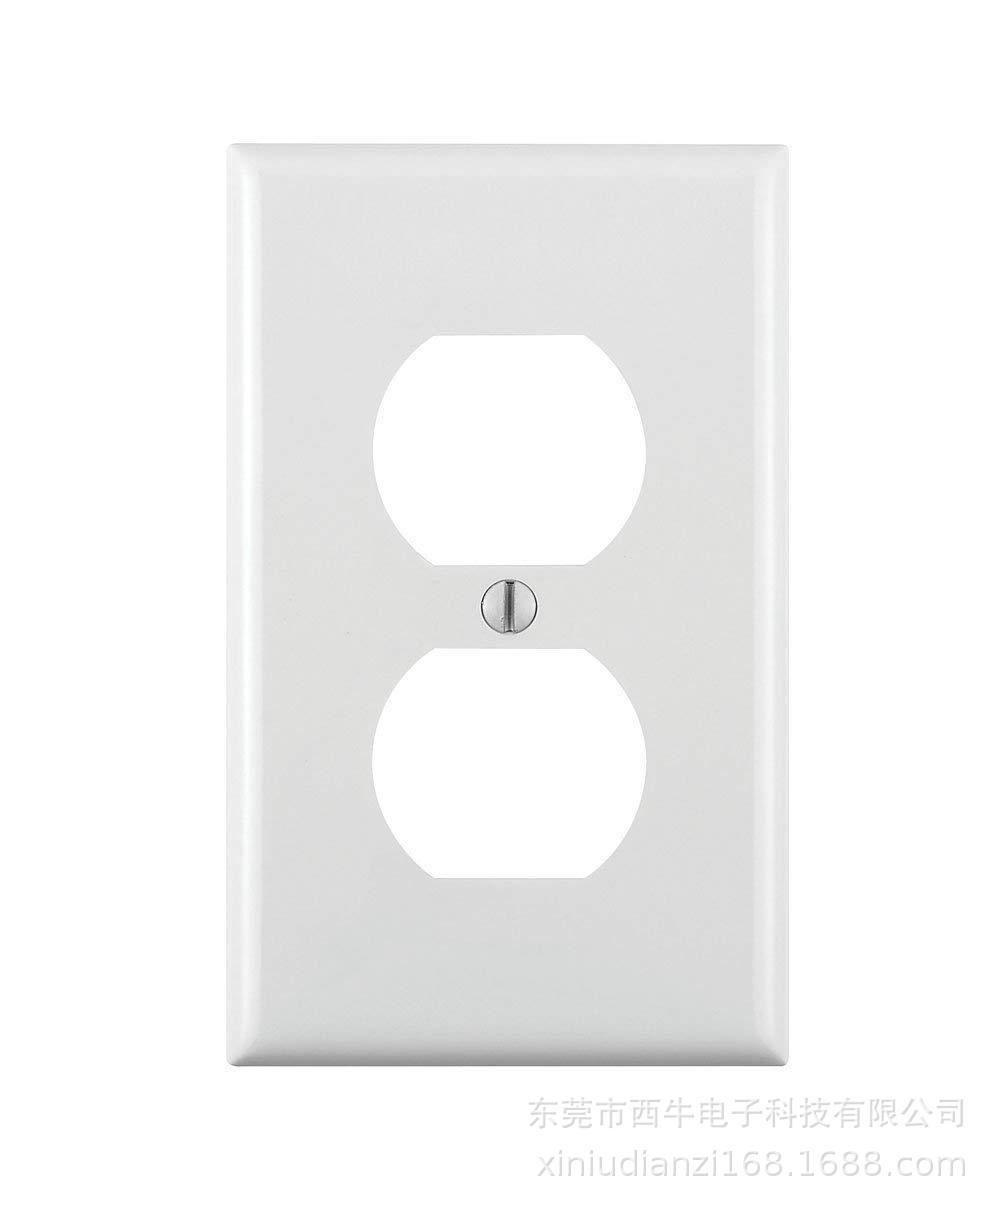 工厂直销 美式插座塑胶面壳 面盖 120型双联塑料面板美标插座专用